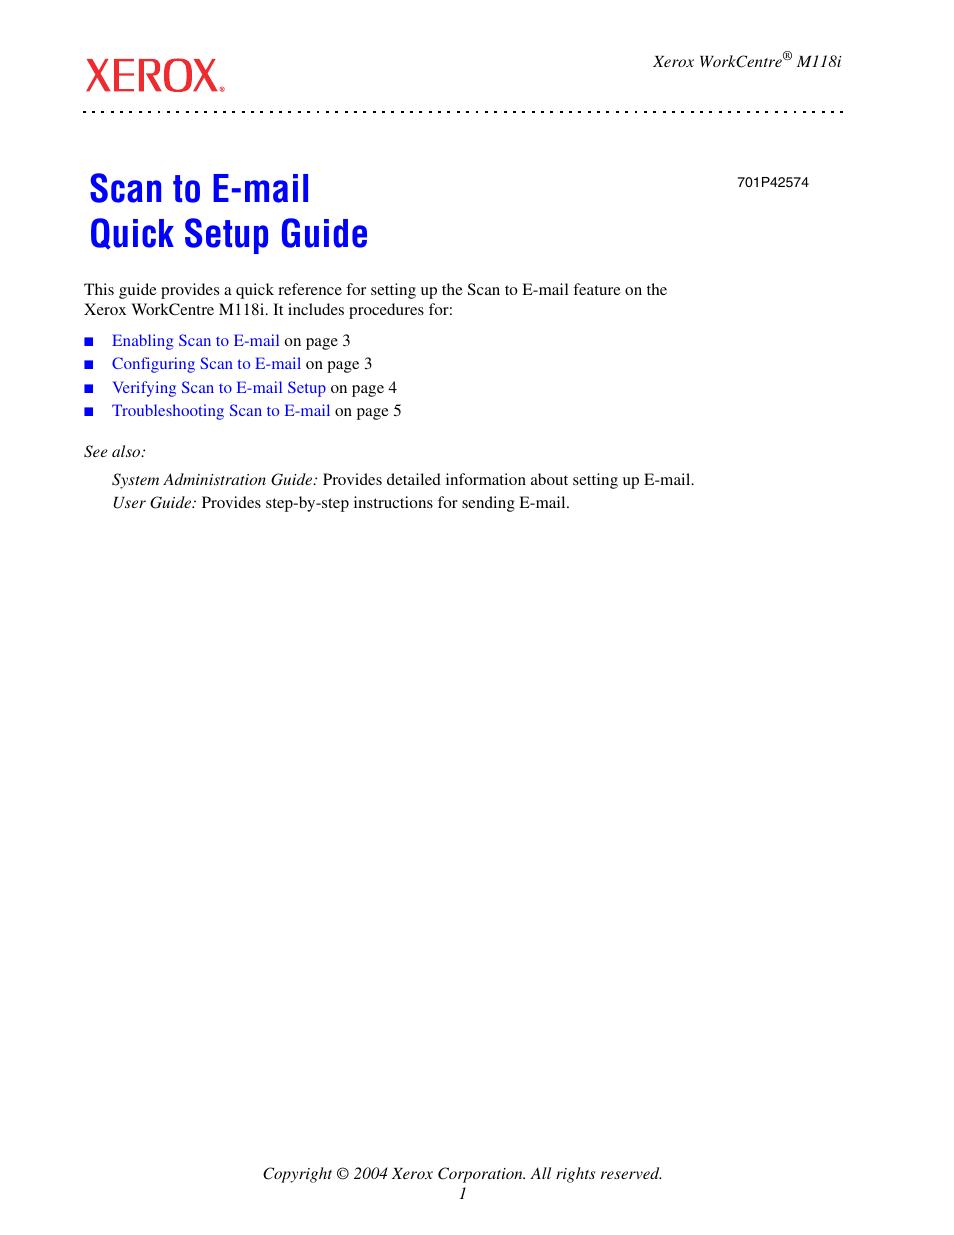 Xerox workcentre m118 manual.